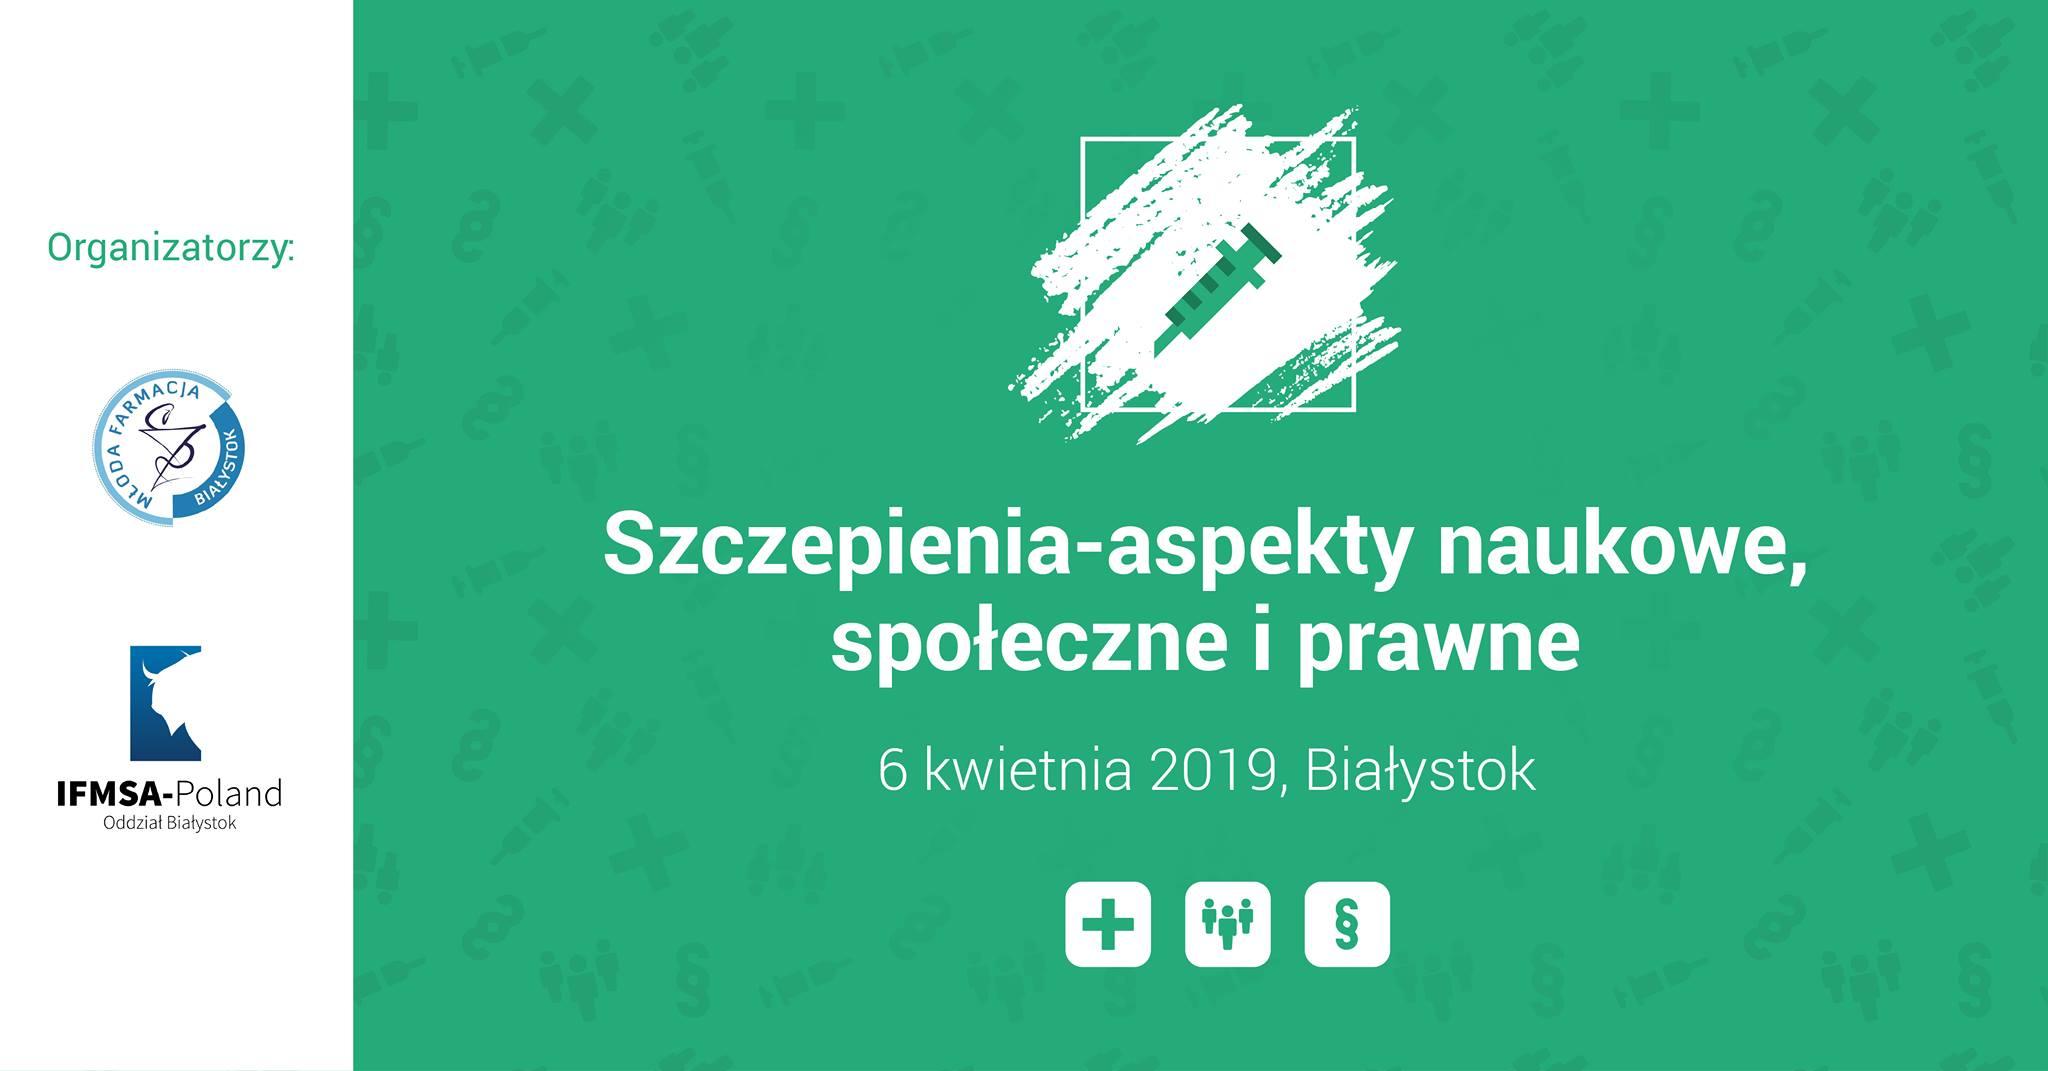 Ba. Szczepienia-aspekty naukowe, społeczne i prawne.